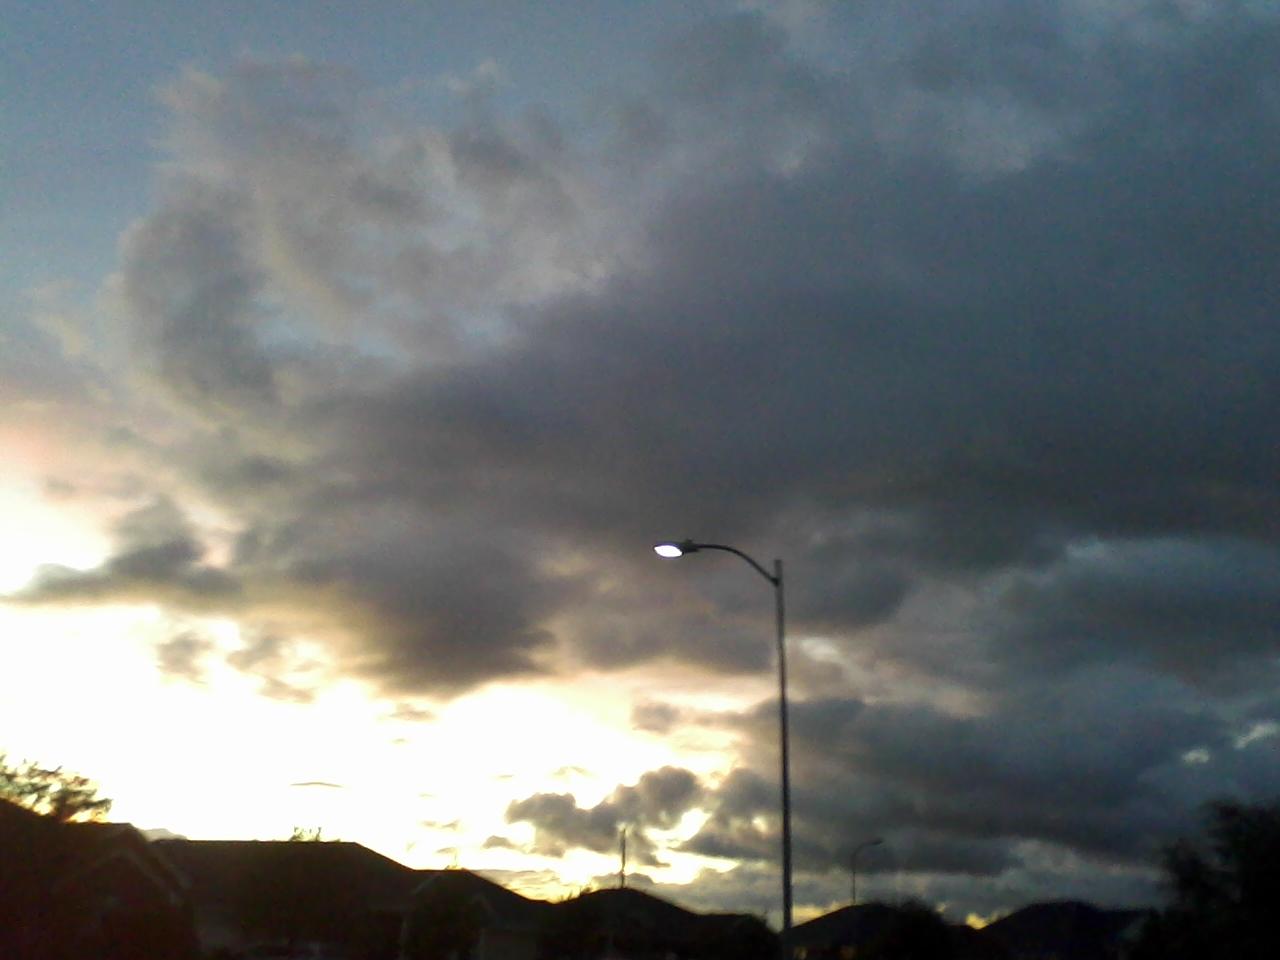 Sky - 0825200624.jpg